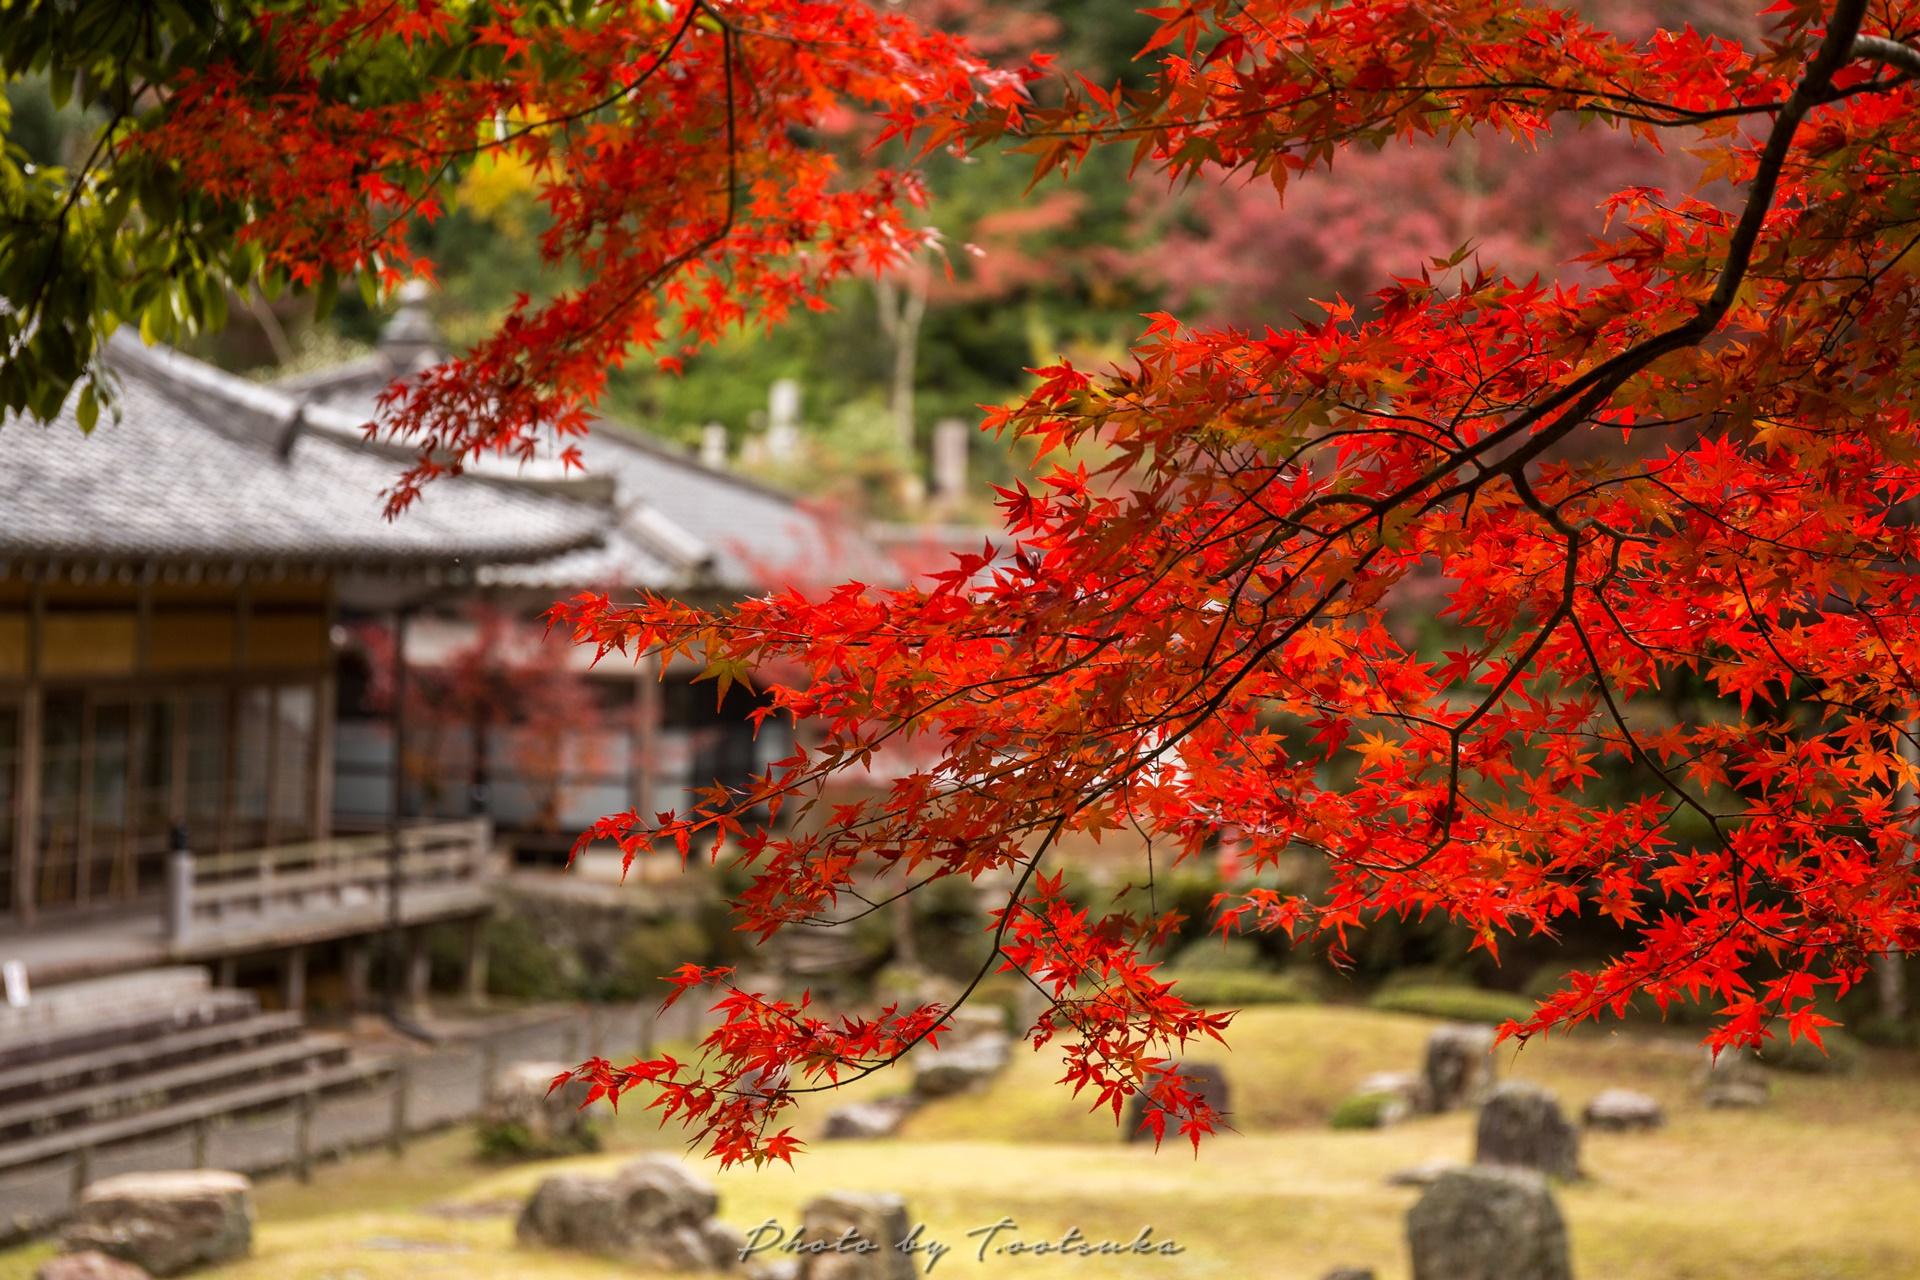 常栄寺雪舟庭の紅葉 : 天体写真撮影日記